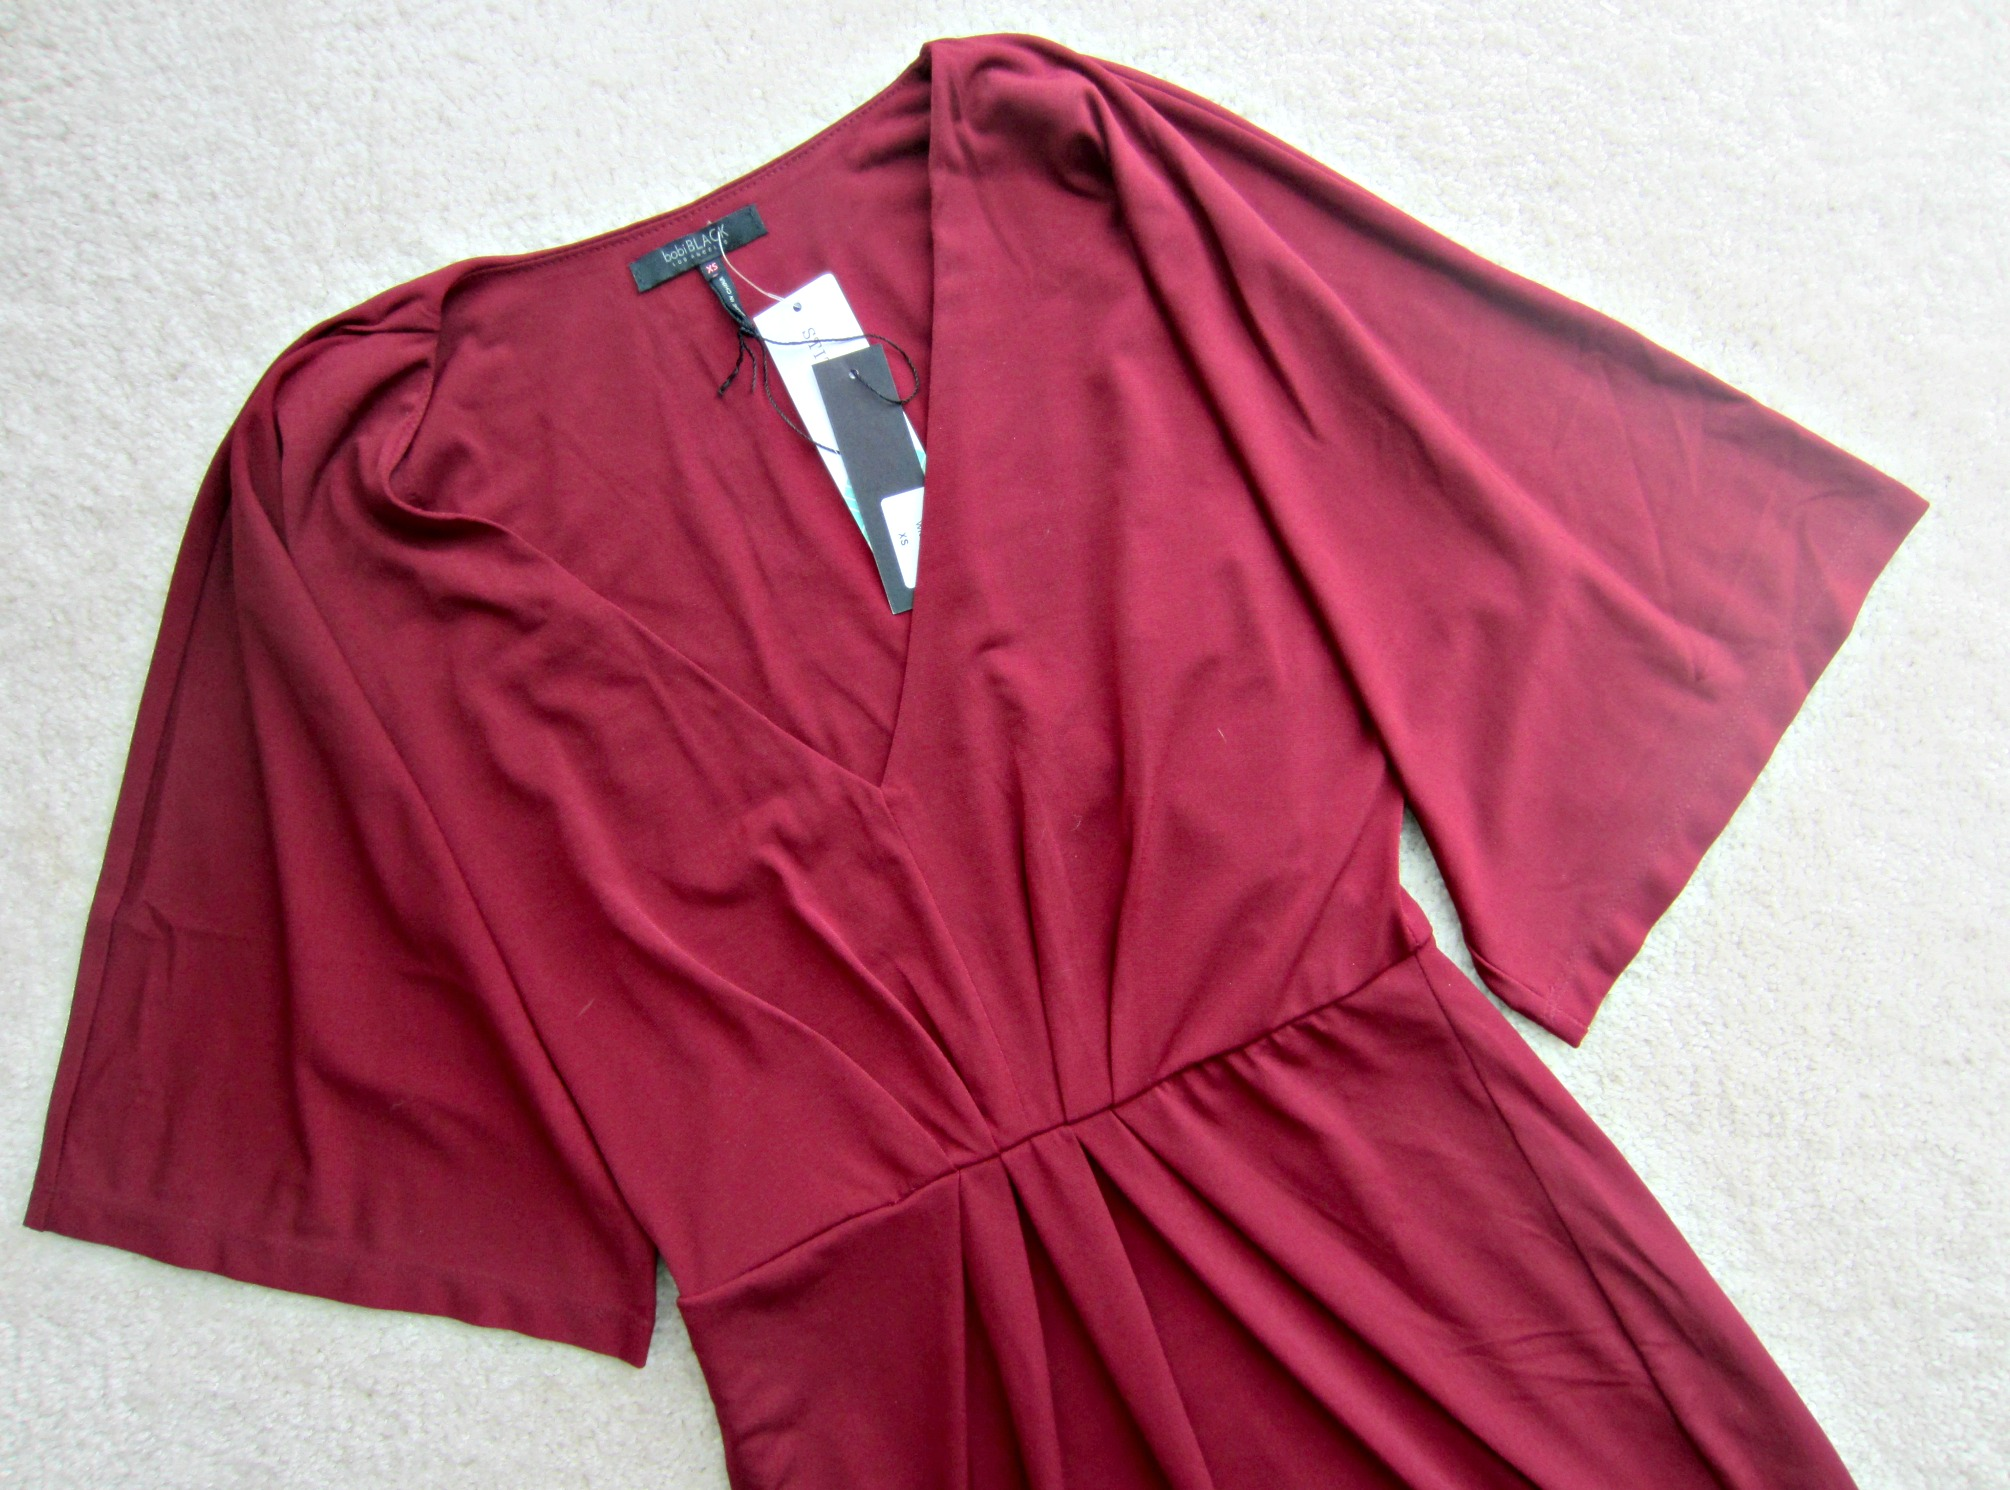 stitch fix red dress close up